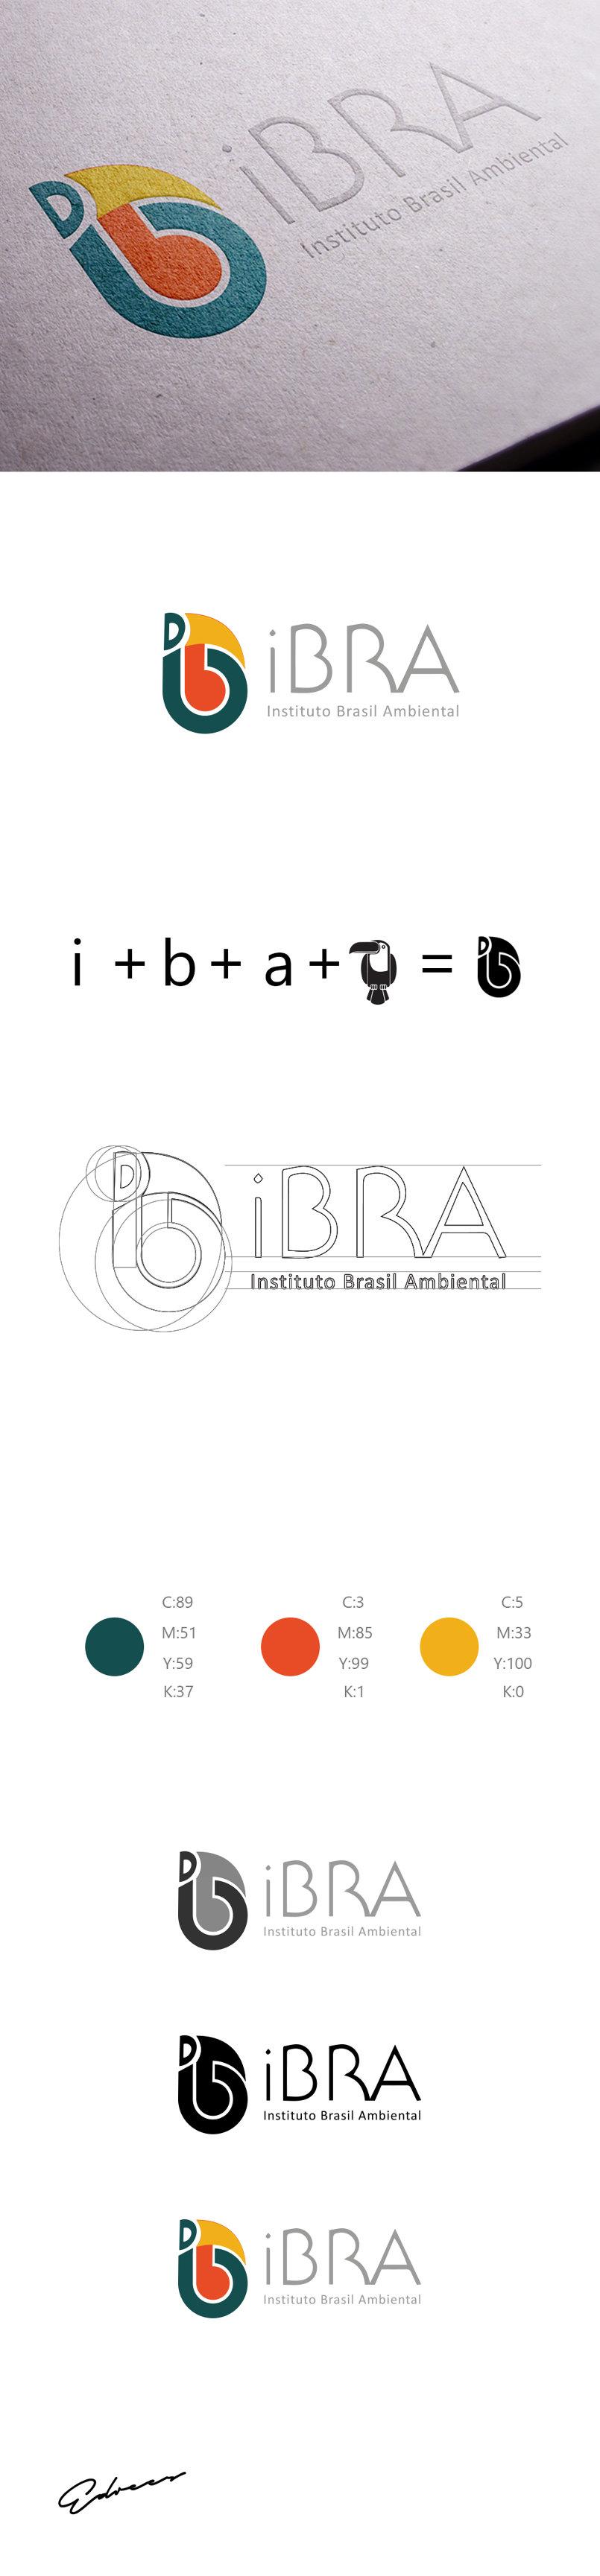 علامة تجارية لمعهد iBra